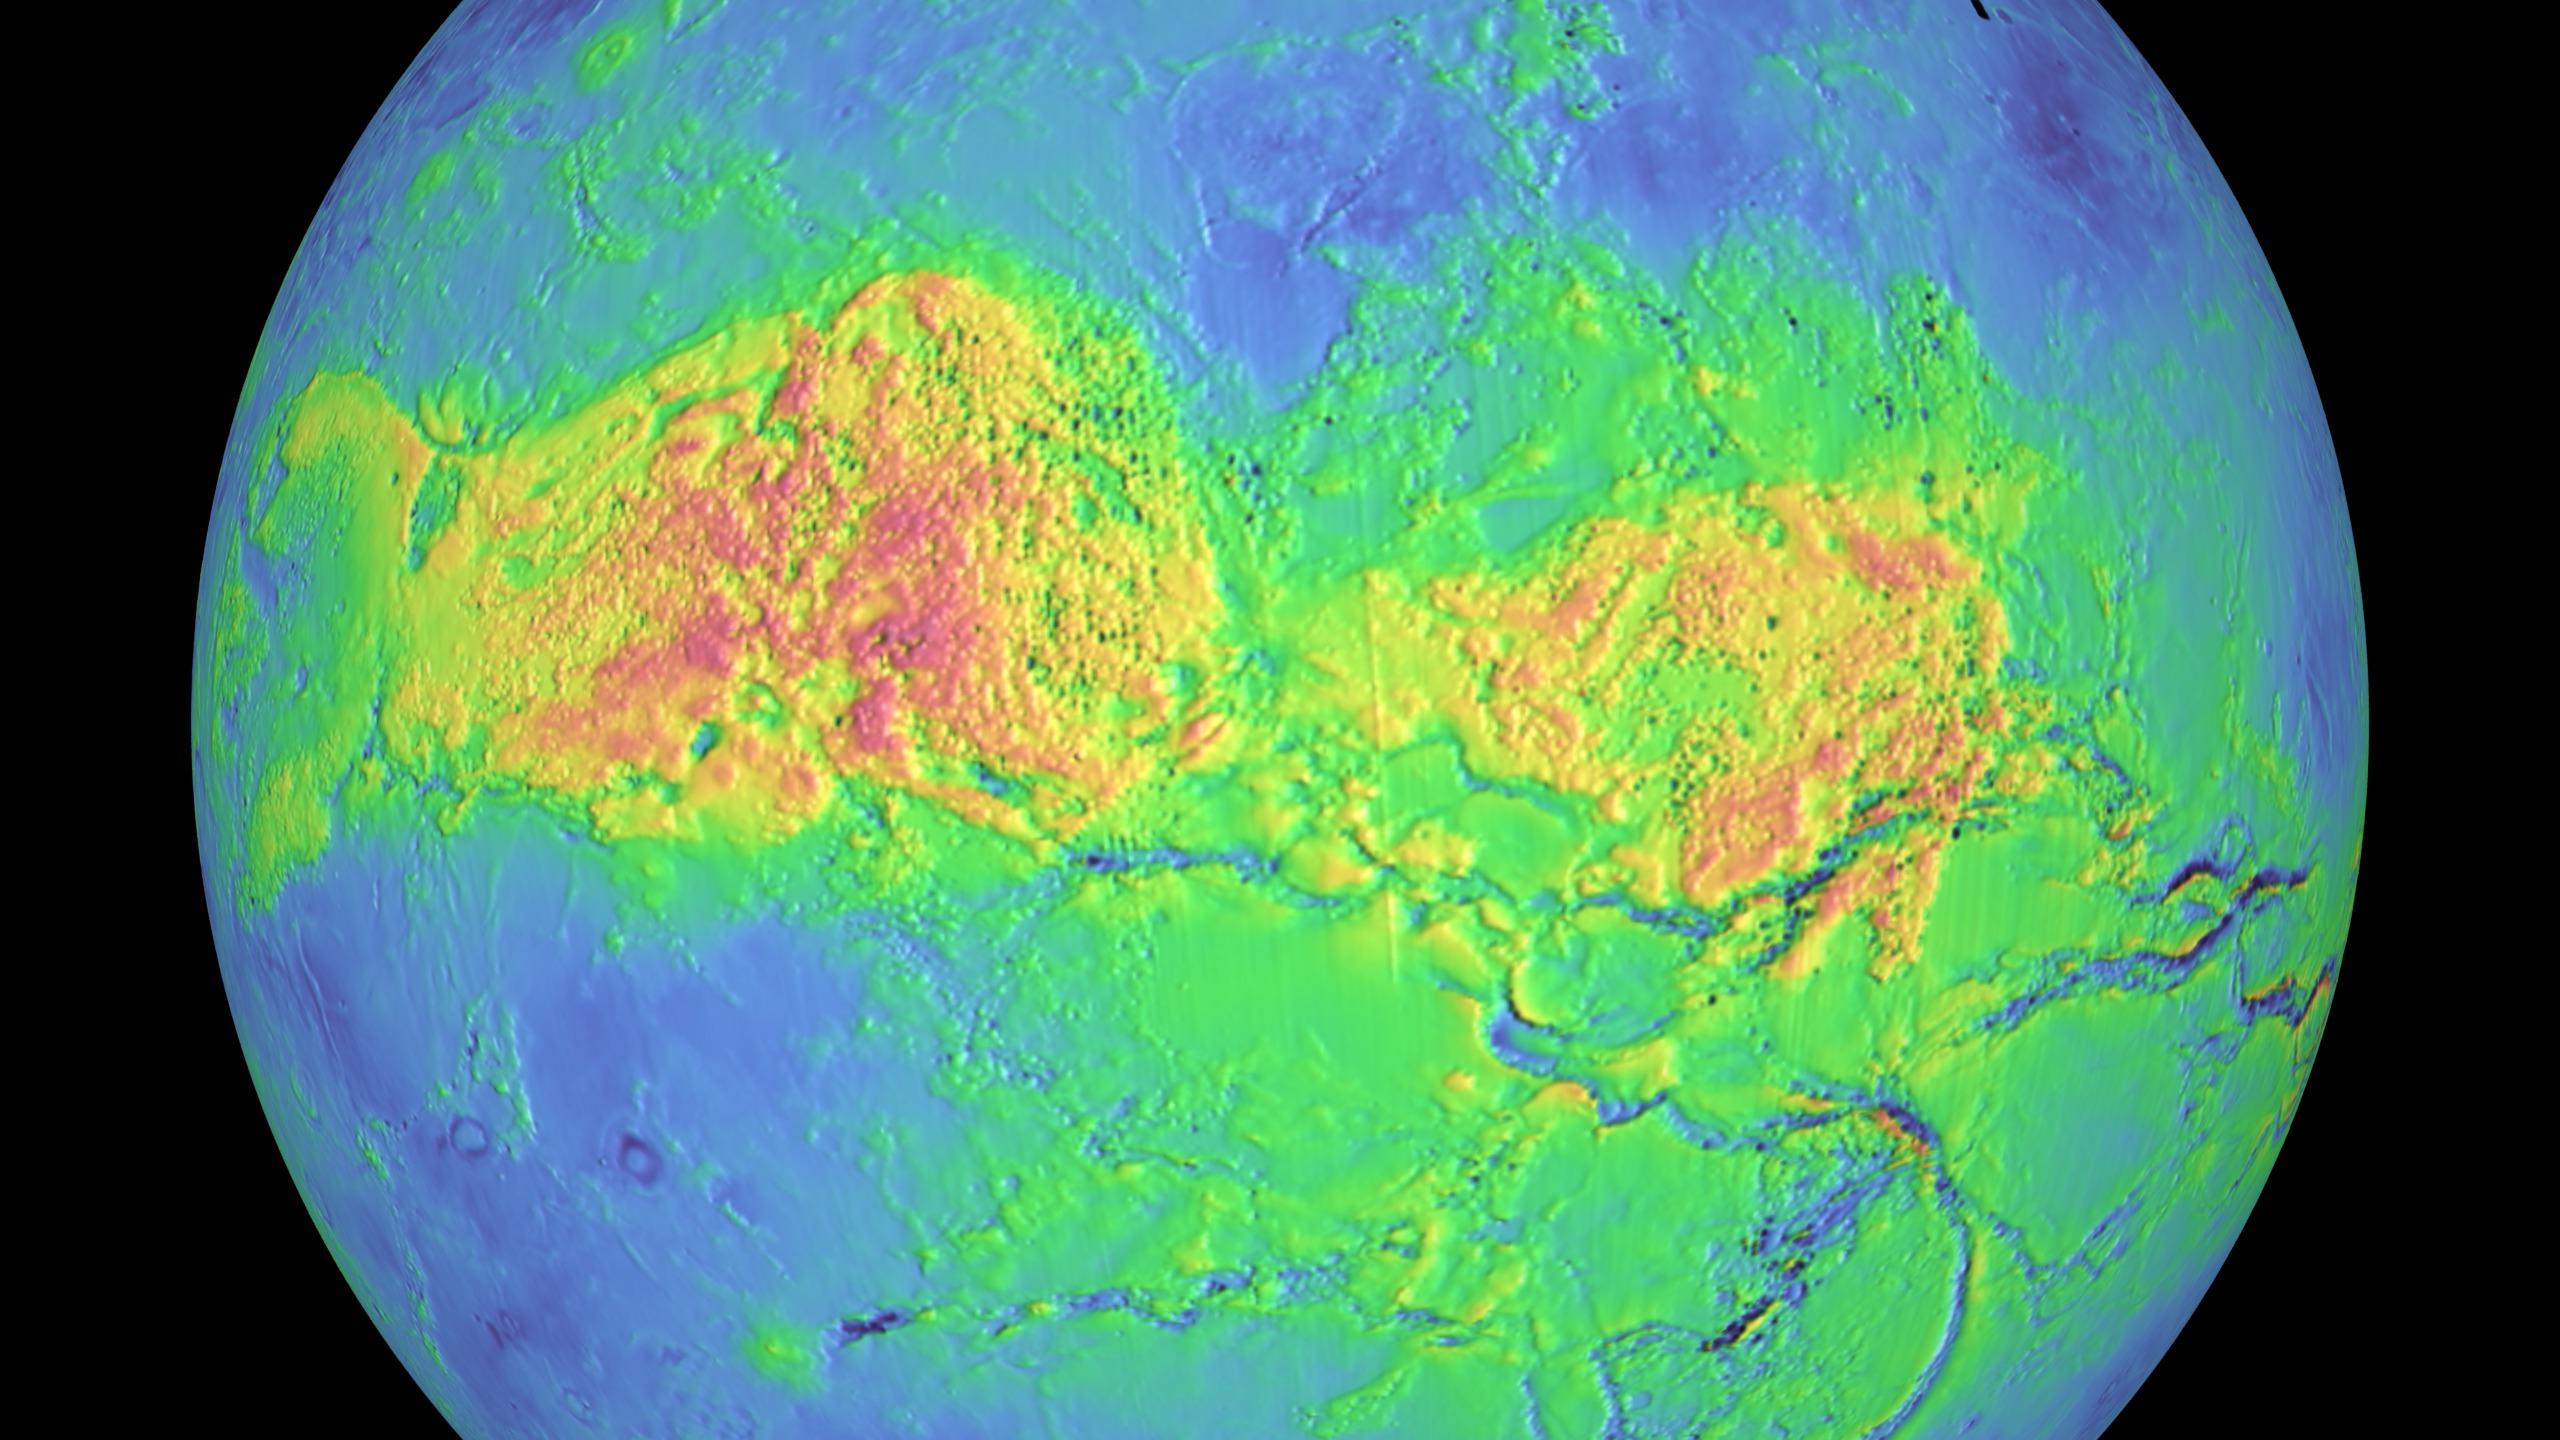 SVS Magellan Venus FalseColor Terrain - Global terrain map